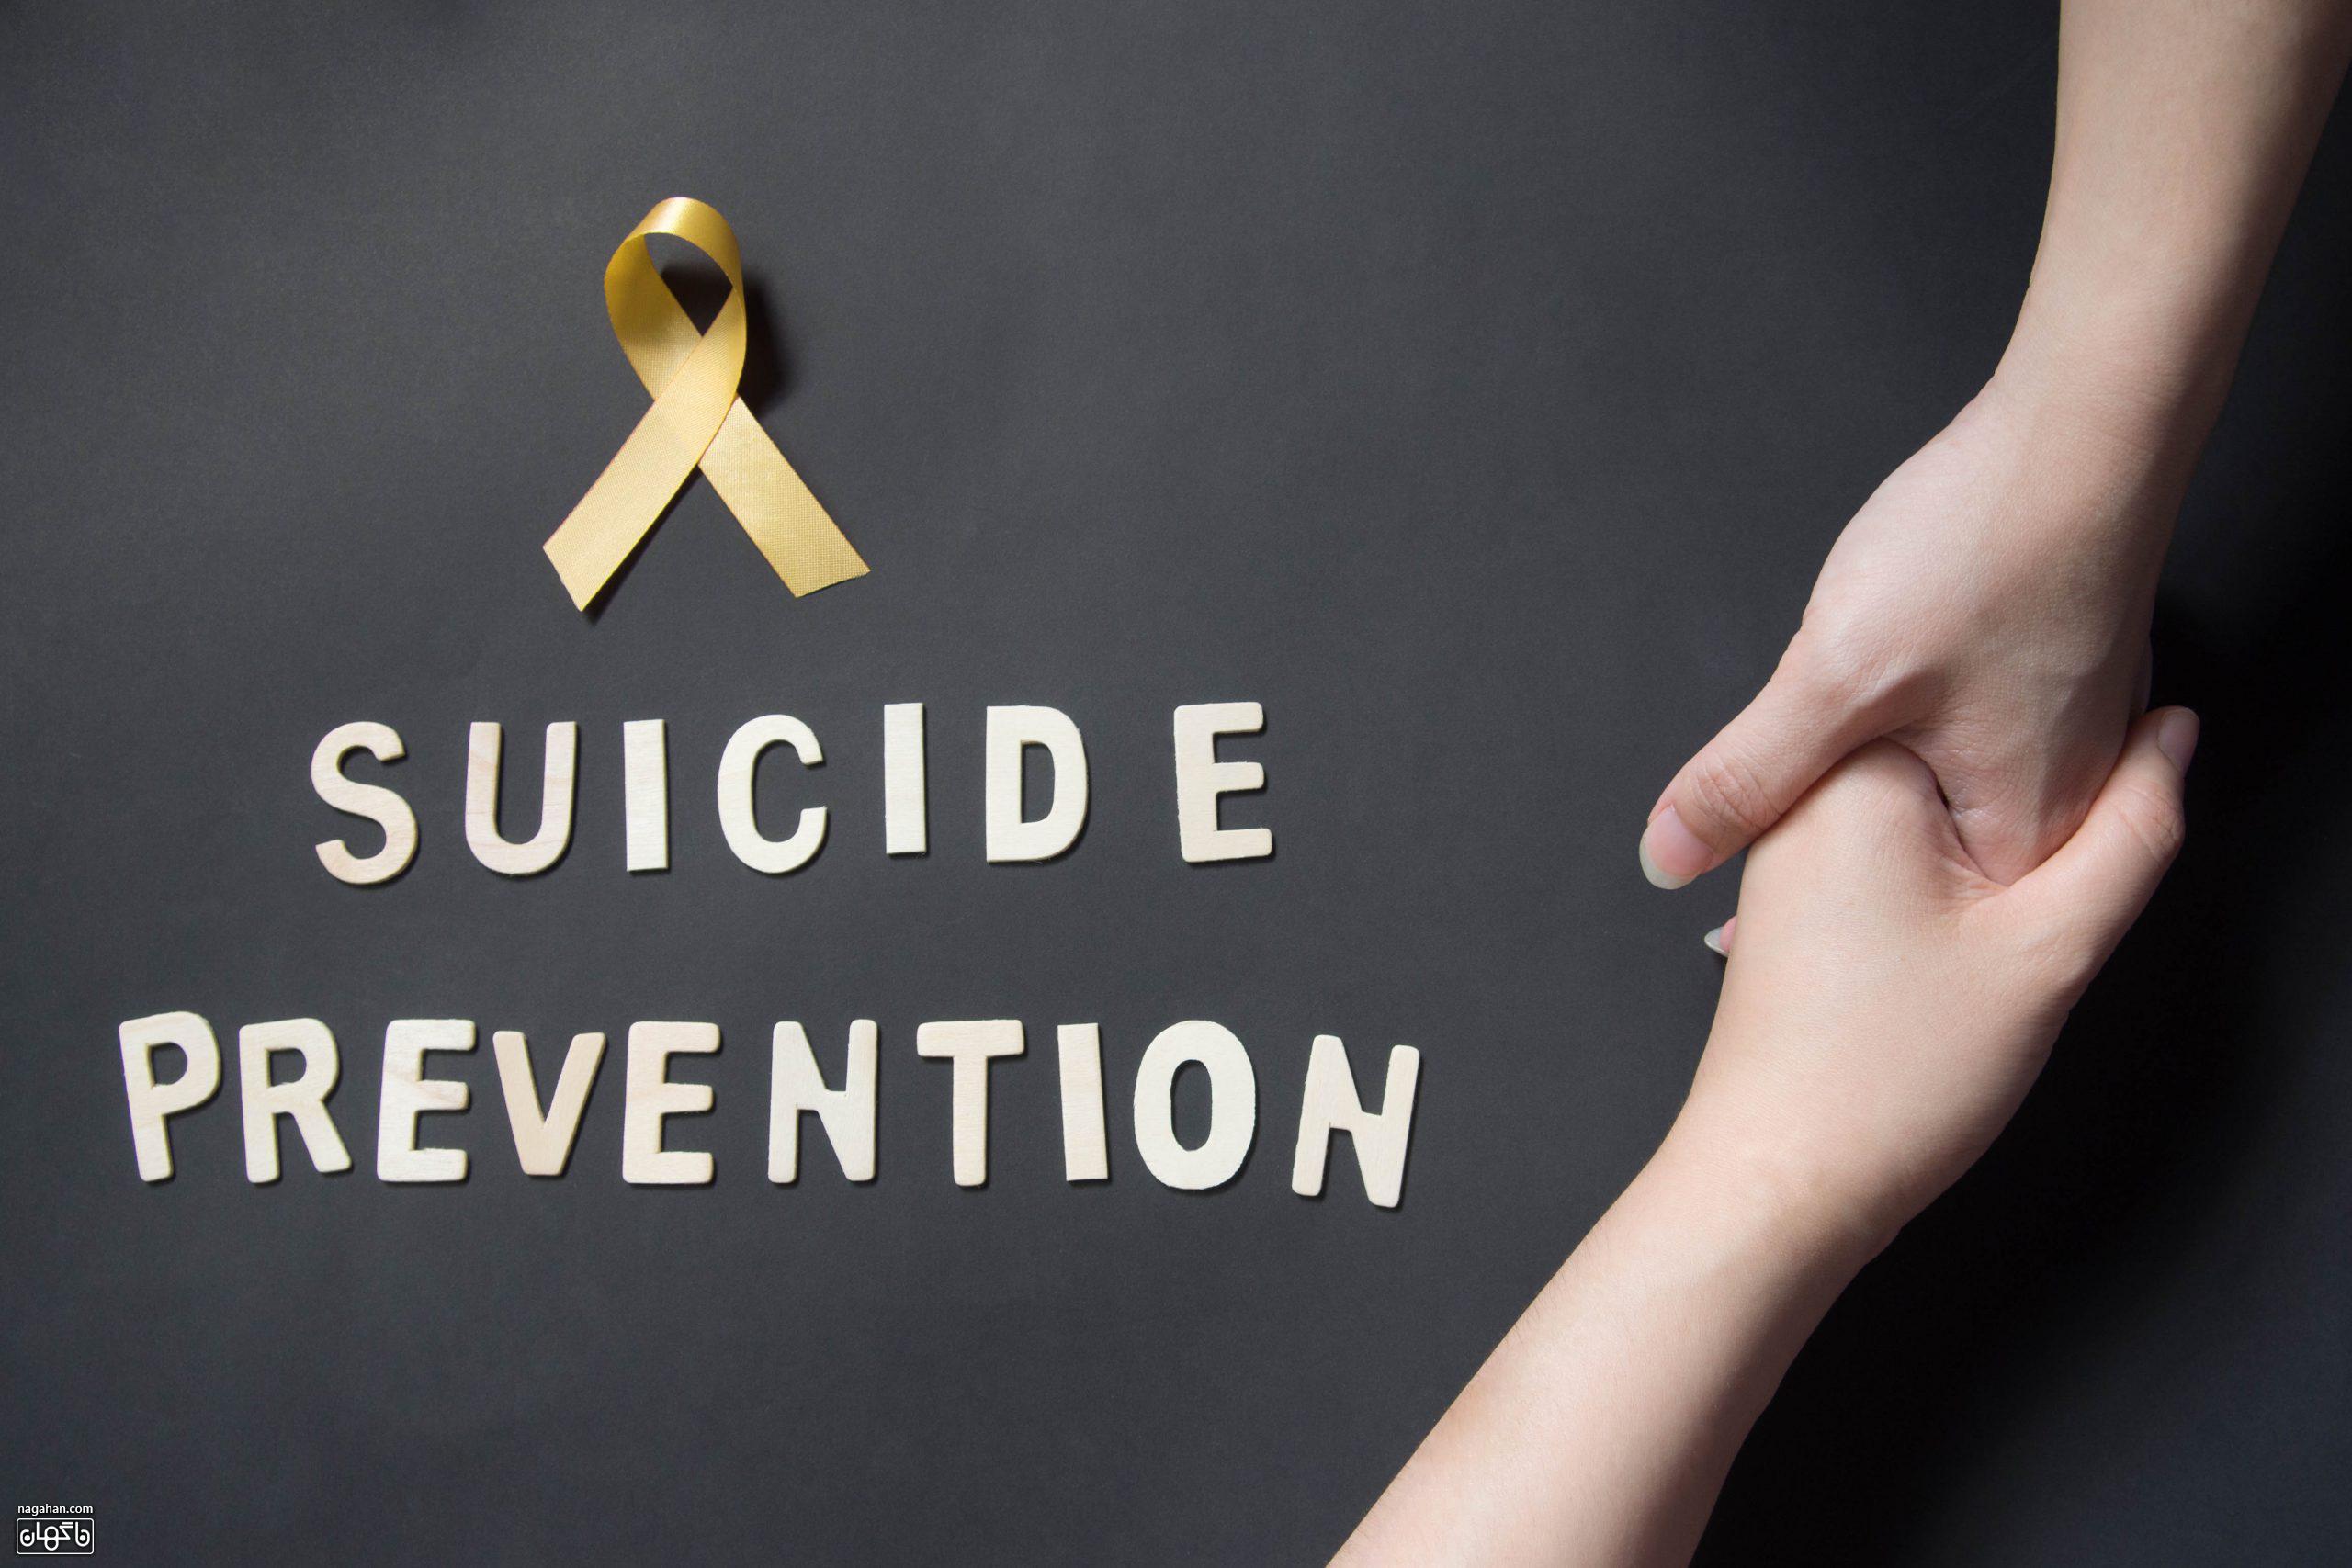 نکات ضروری در پیشگیری از خودکشی   چگونه با شخصی که قصد خودکشی دارد رفتار کنیم